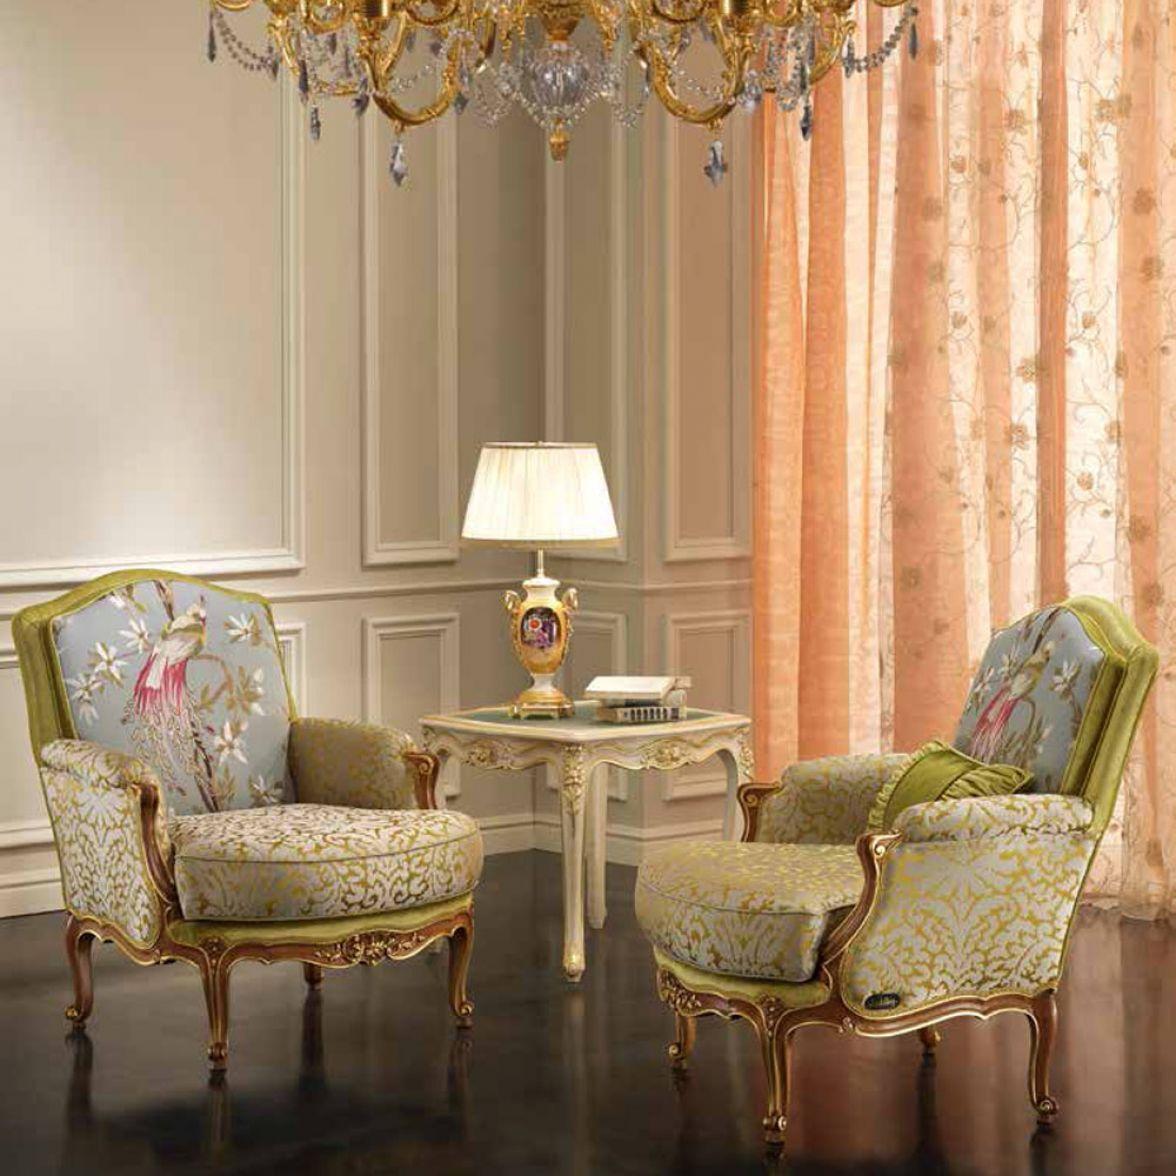 Suite armchair